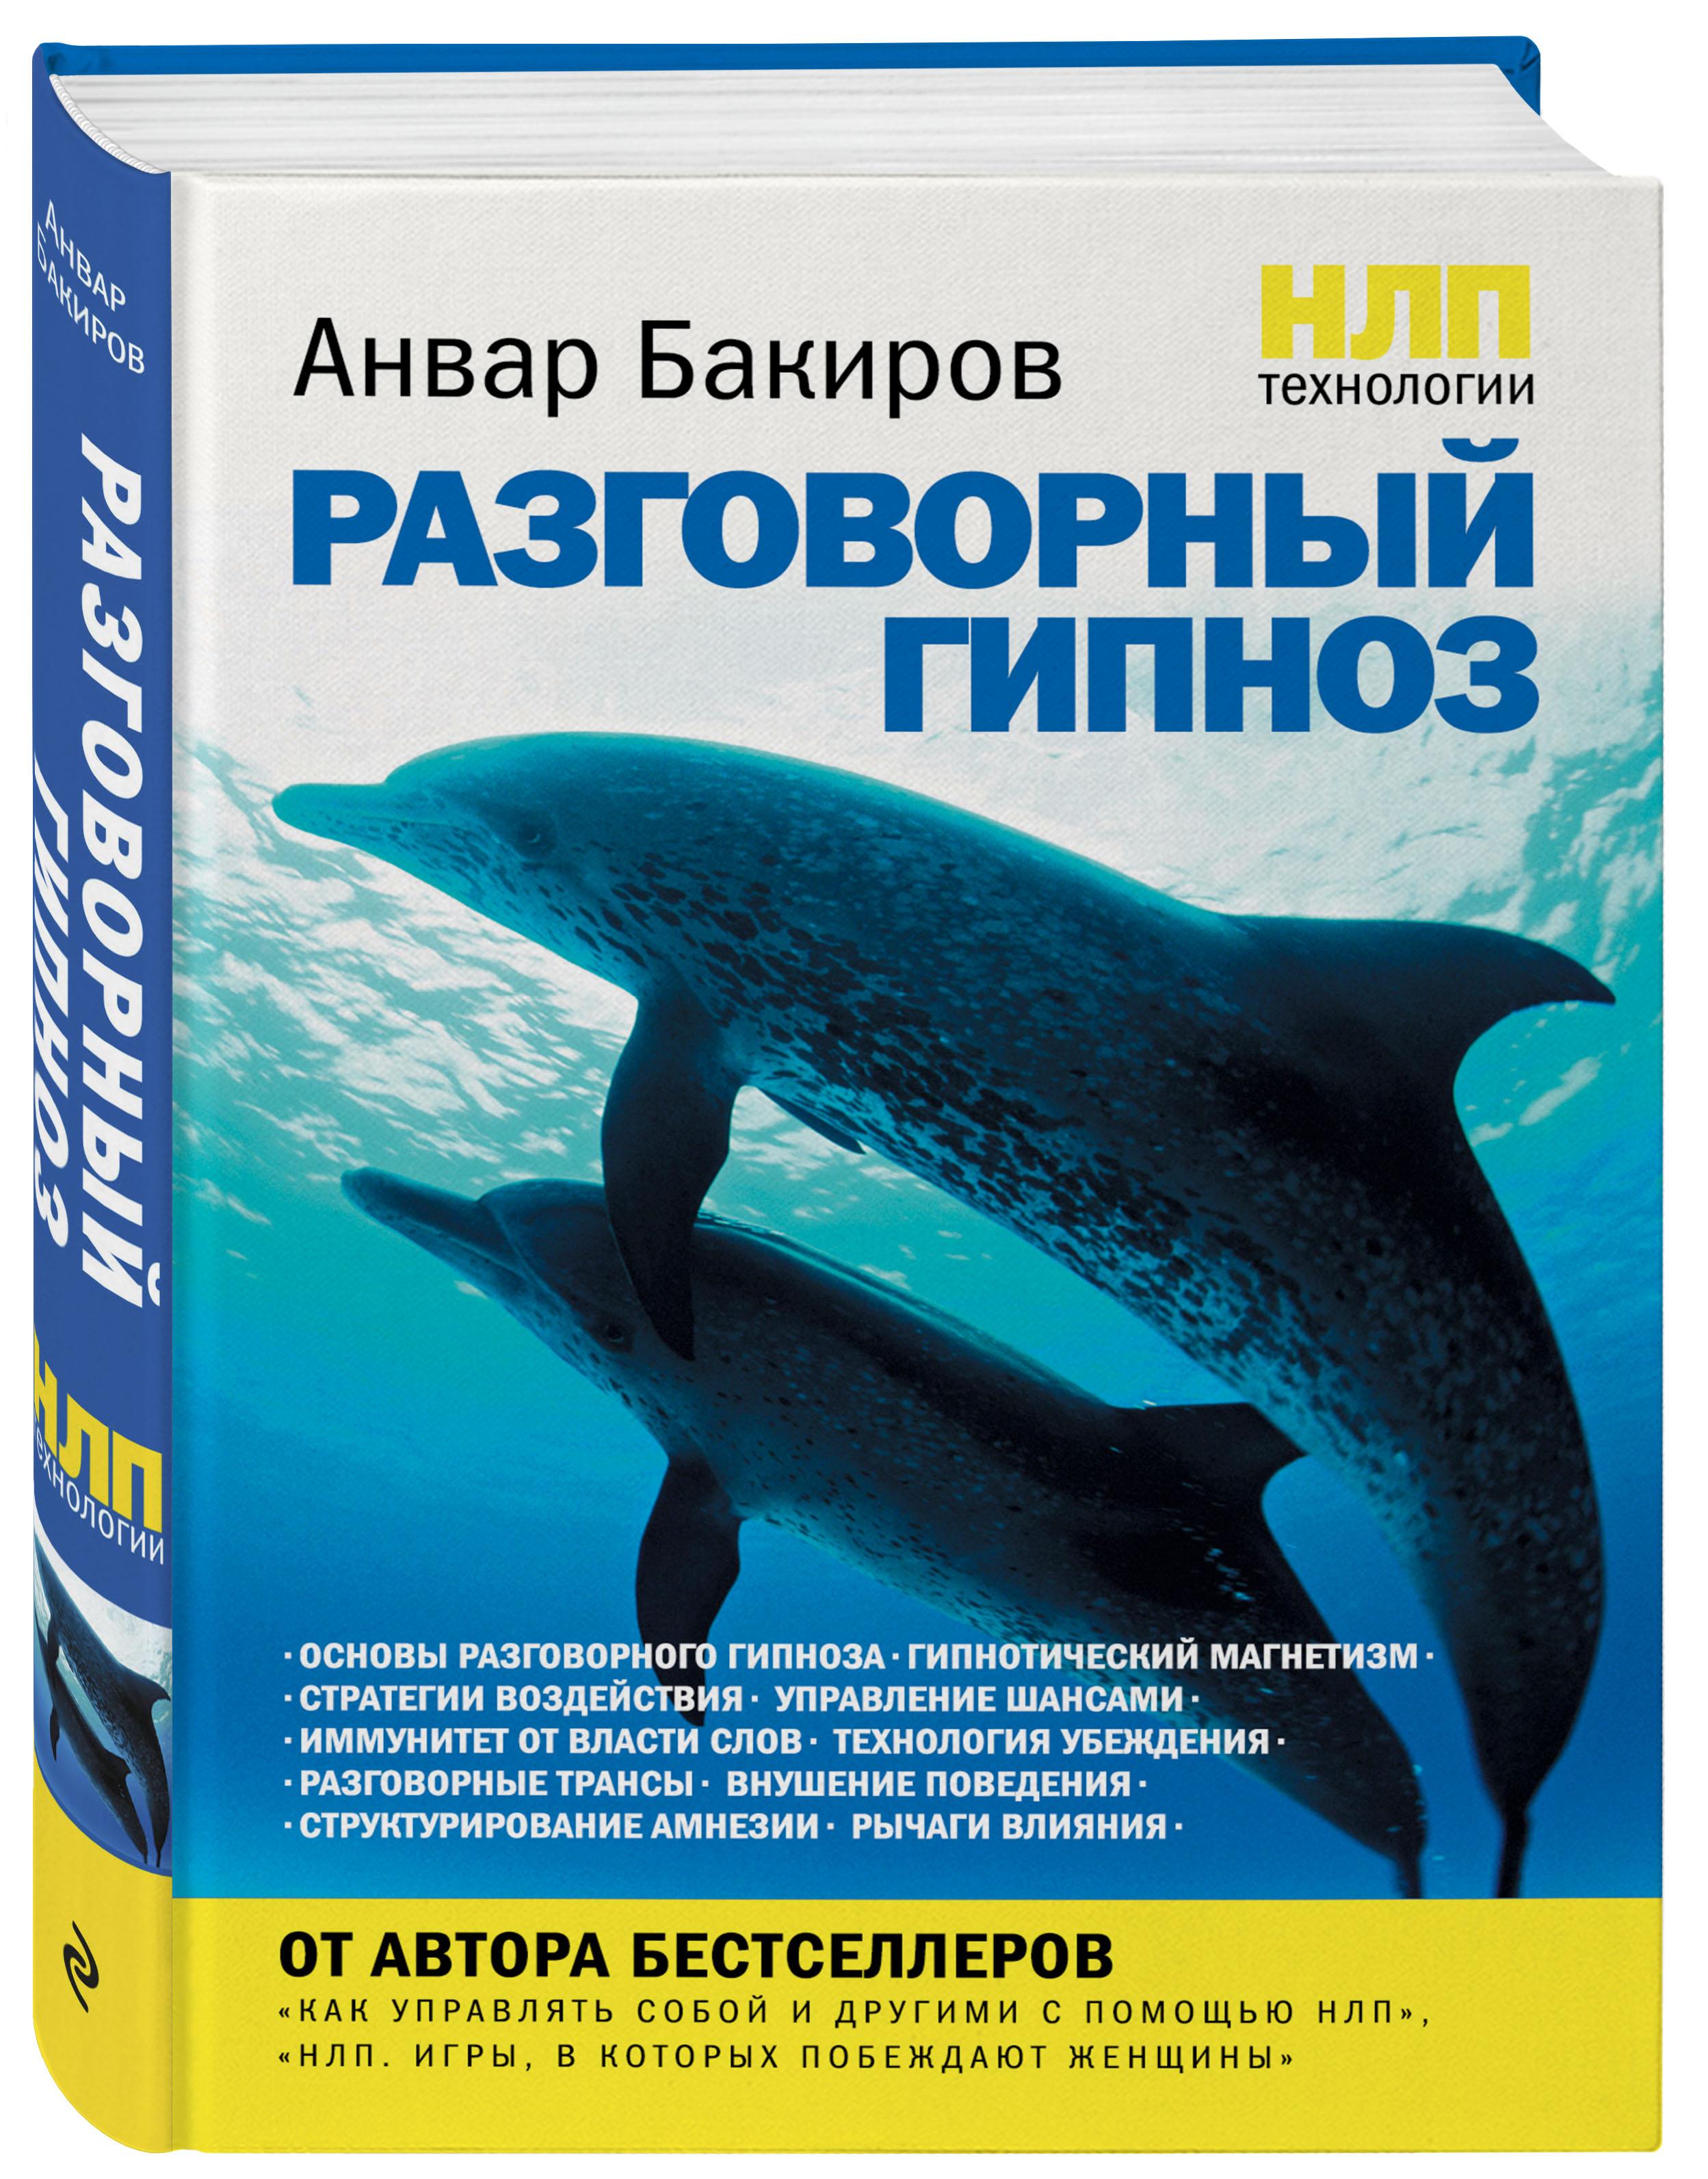 Бакиров А.К. НЛП-технологии: Разговорный гипноз ISBN: 978-5-699-44559-2 анвар бакиров нлп технологии разговорный гипноз